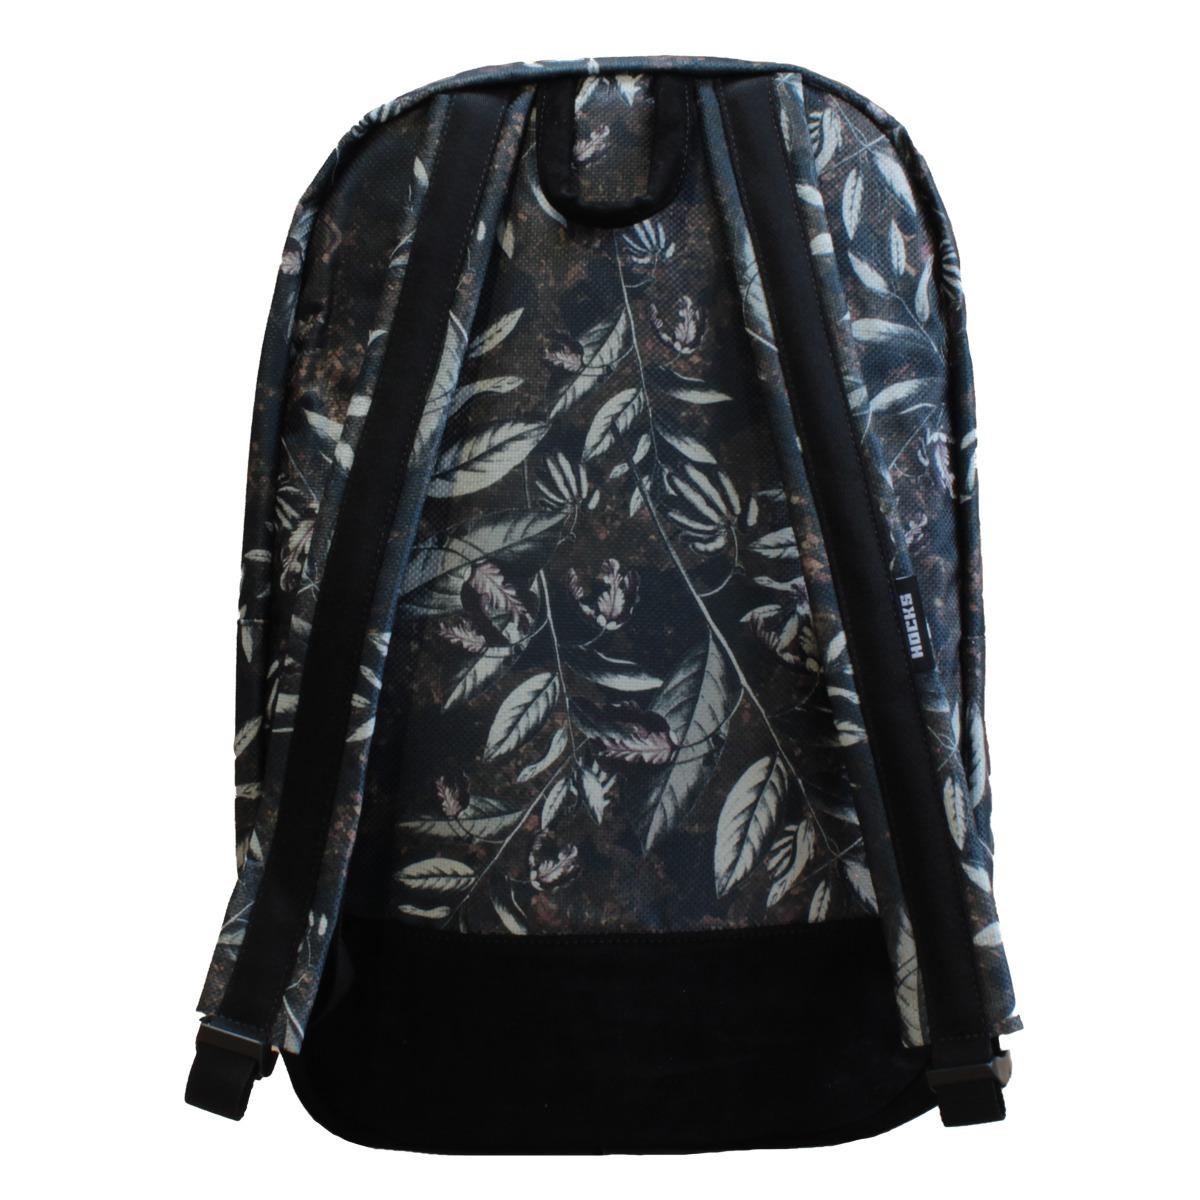 7abf16f0b Carregando zoom... mochila masculina feminina escolar hocks skate calouro  bag